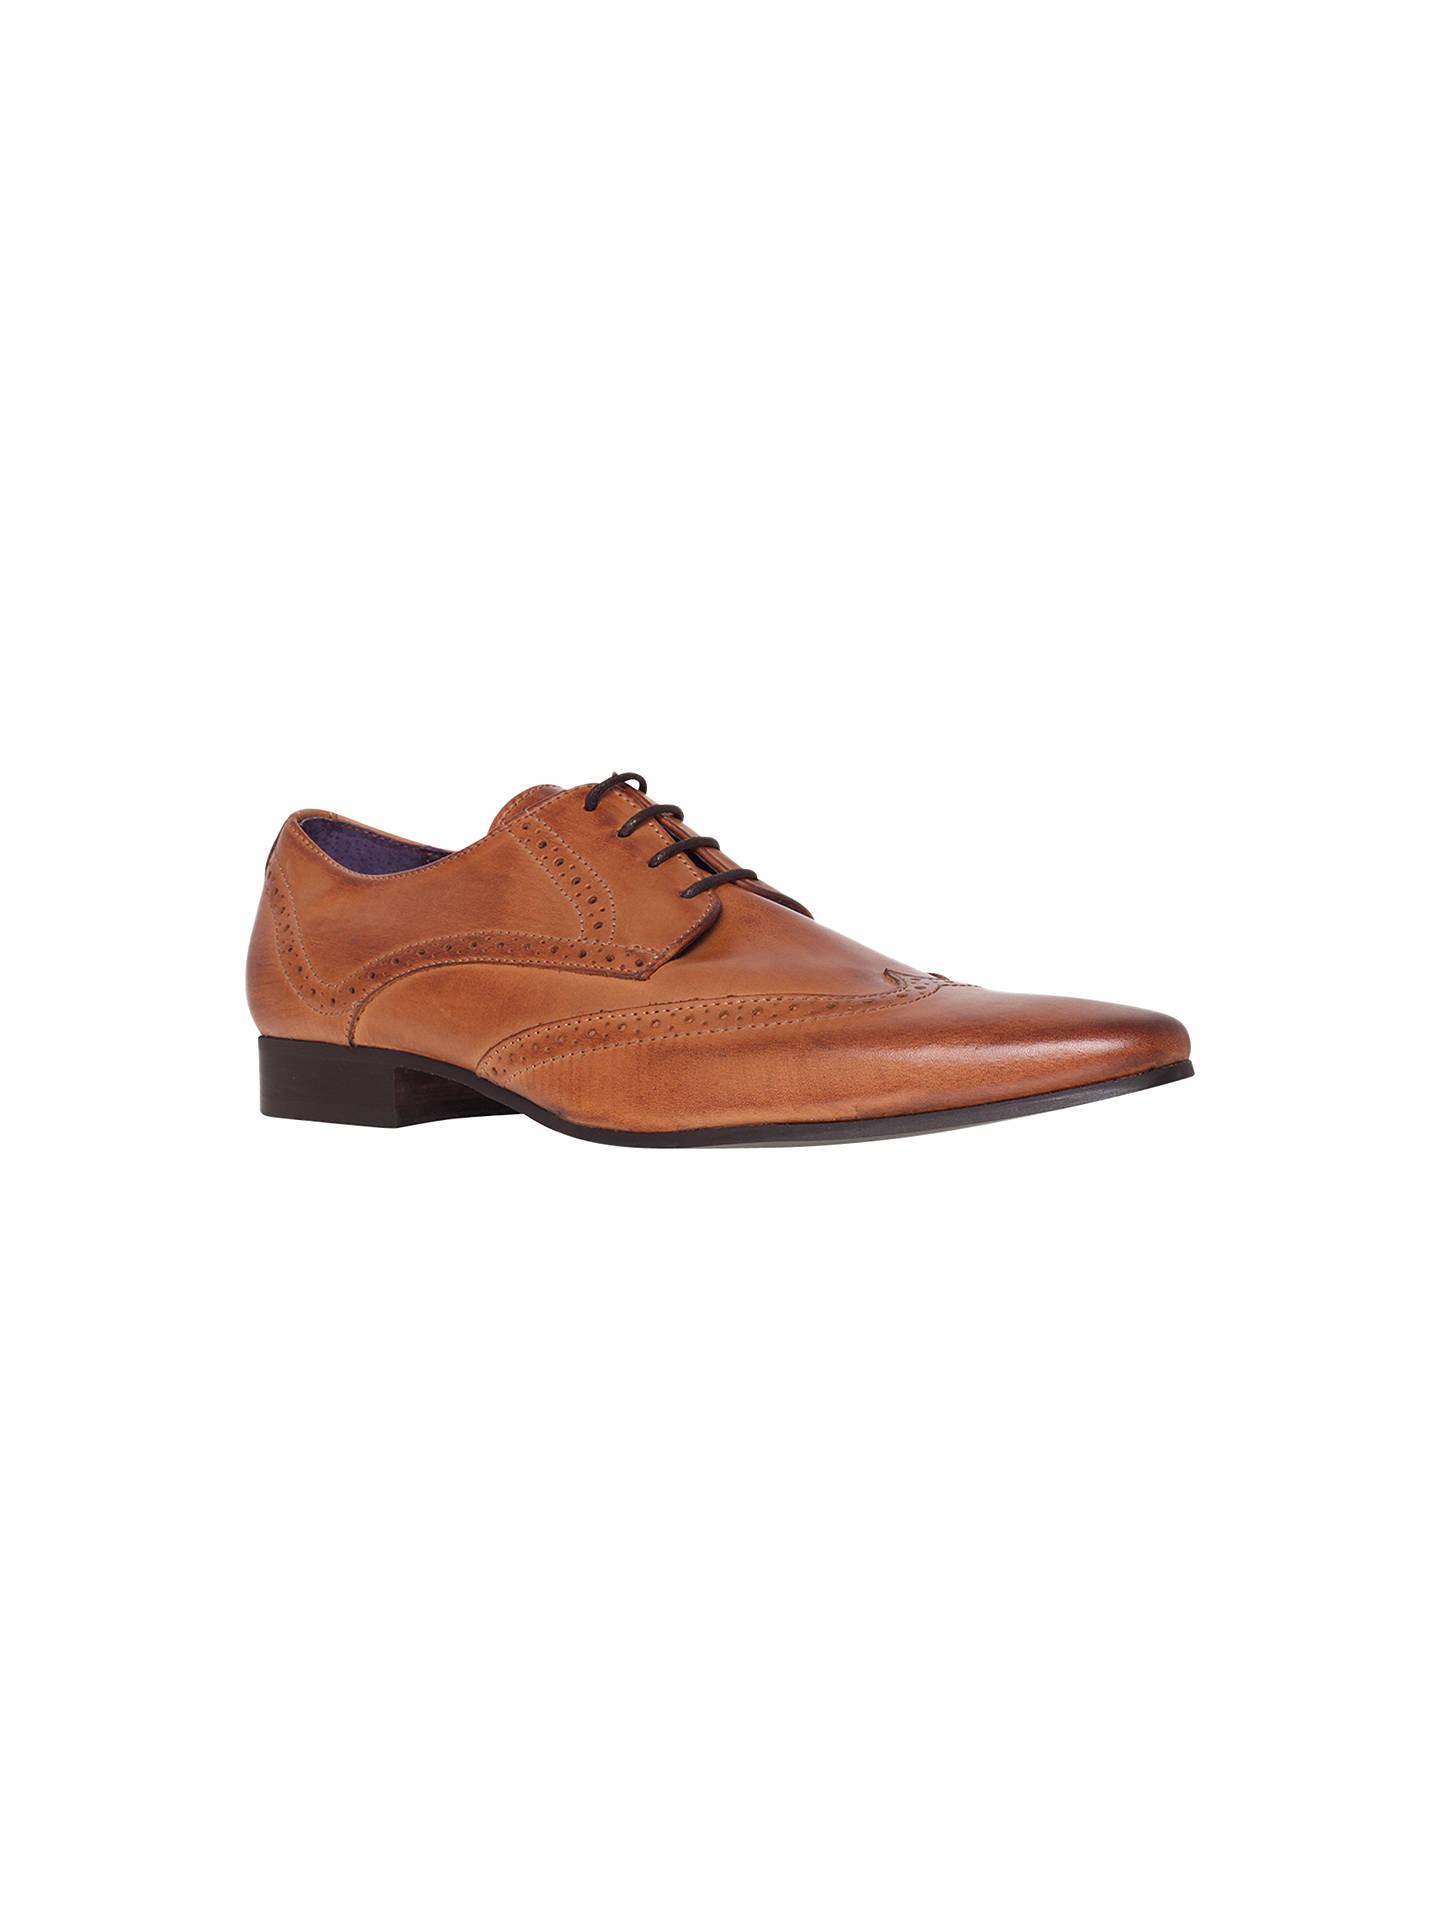 12cebebae0858c Buy KG by Kurt Geiger Jake Wingtip Leather Brogue Derby Shoes, Tan, 41  Online ...